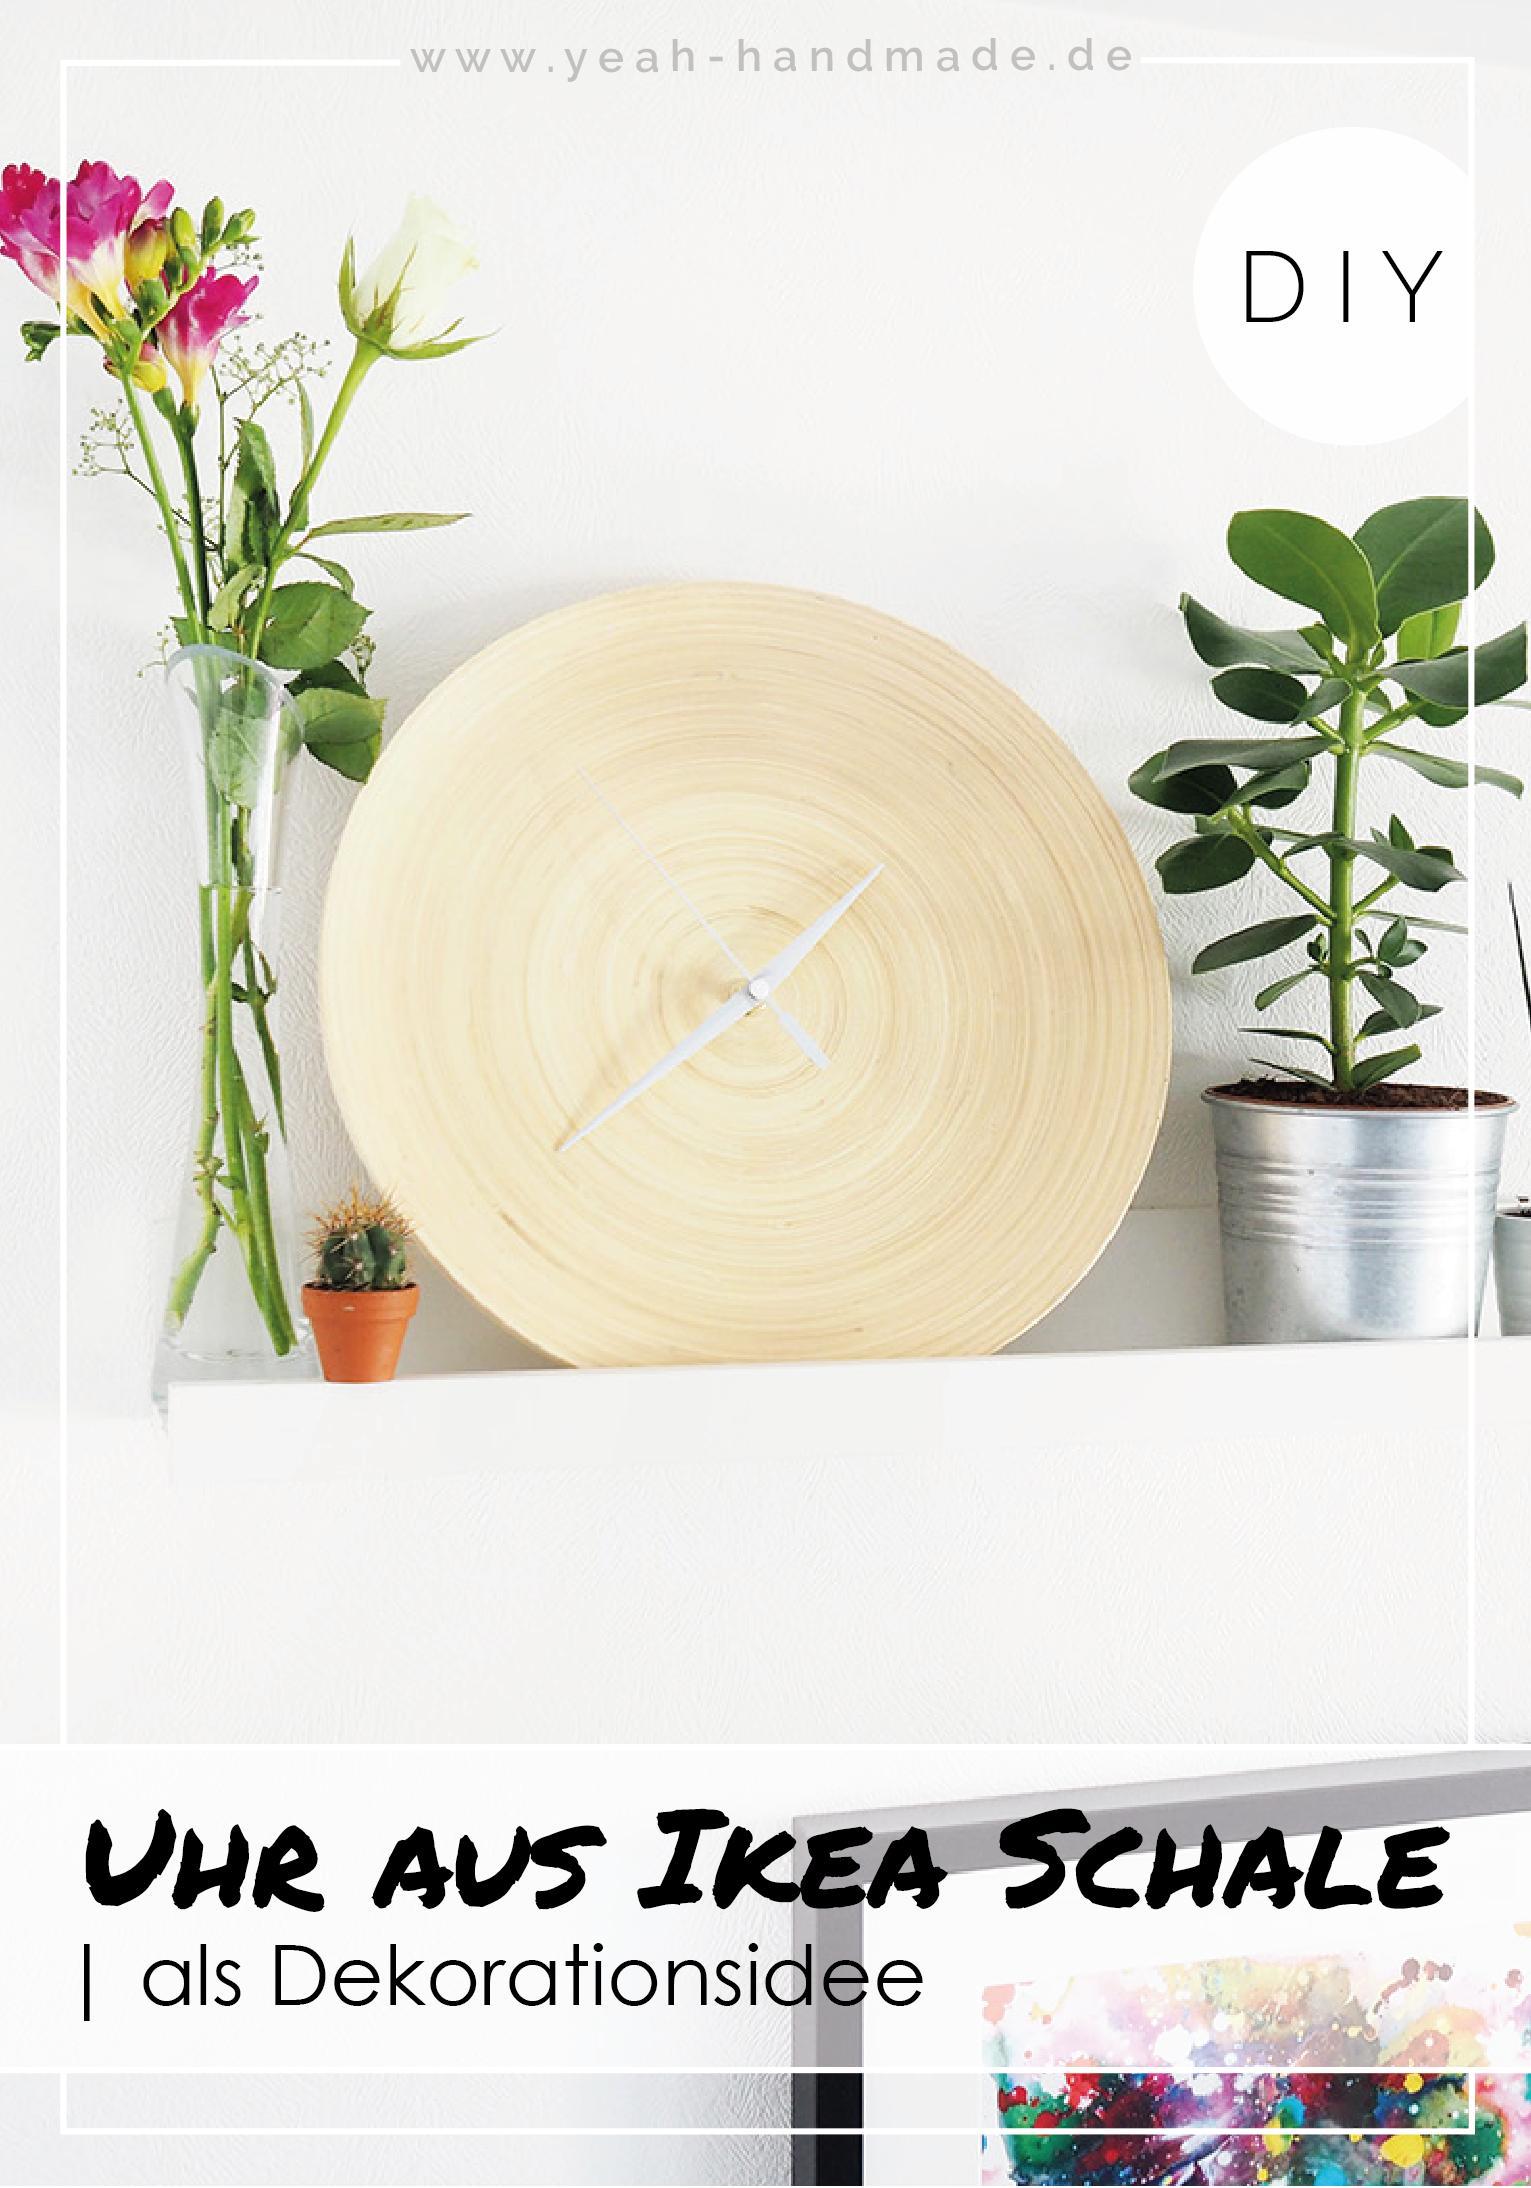 Diy Uhr Aus Der Ikea Bambus Schale Hultet Interior Dekoration